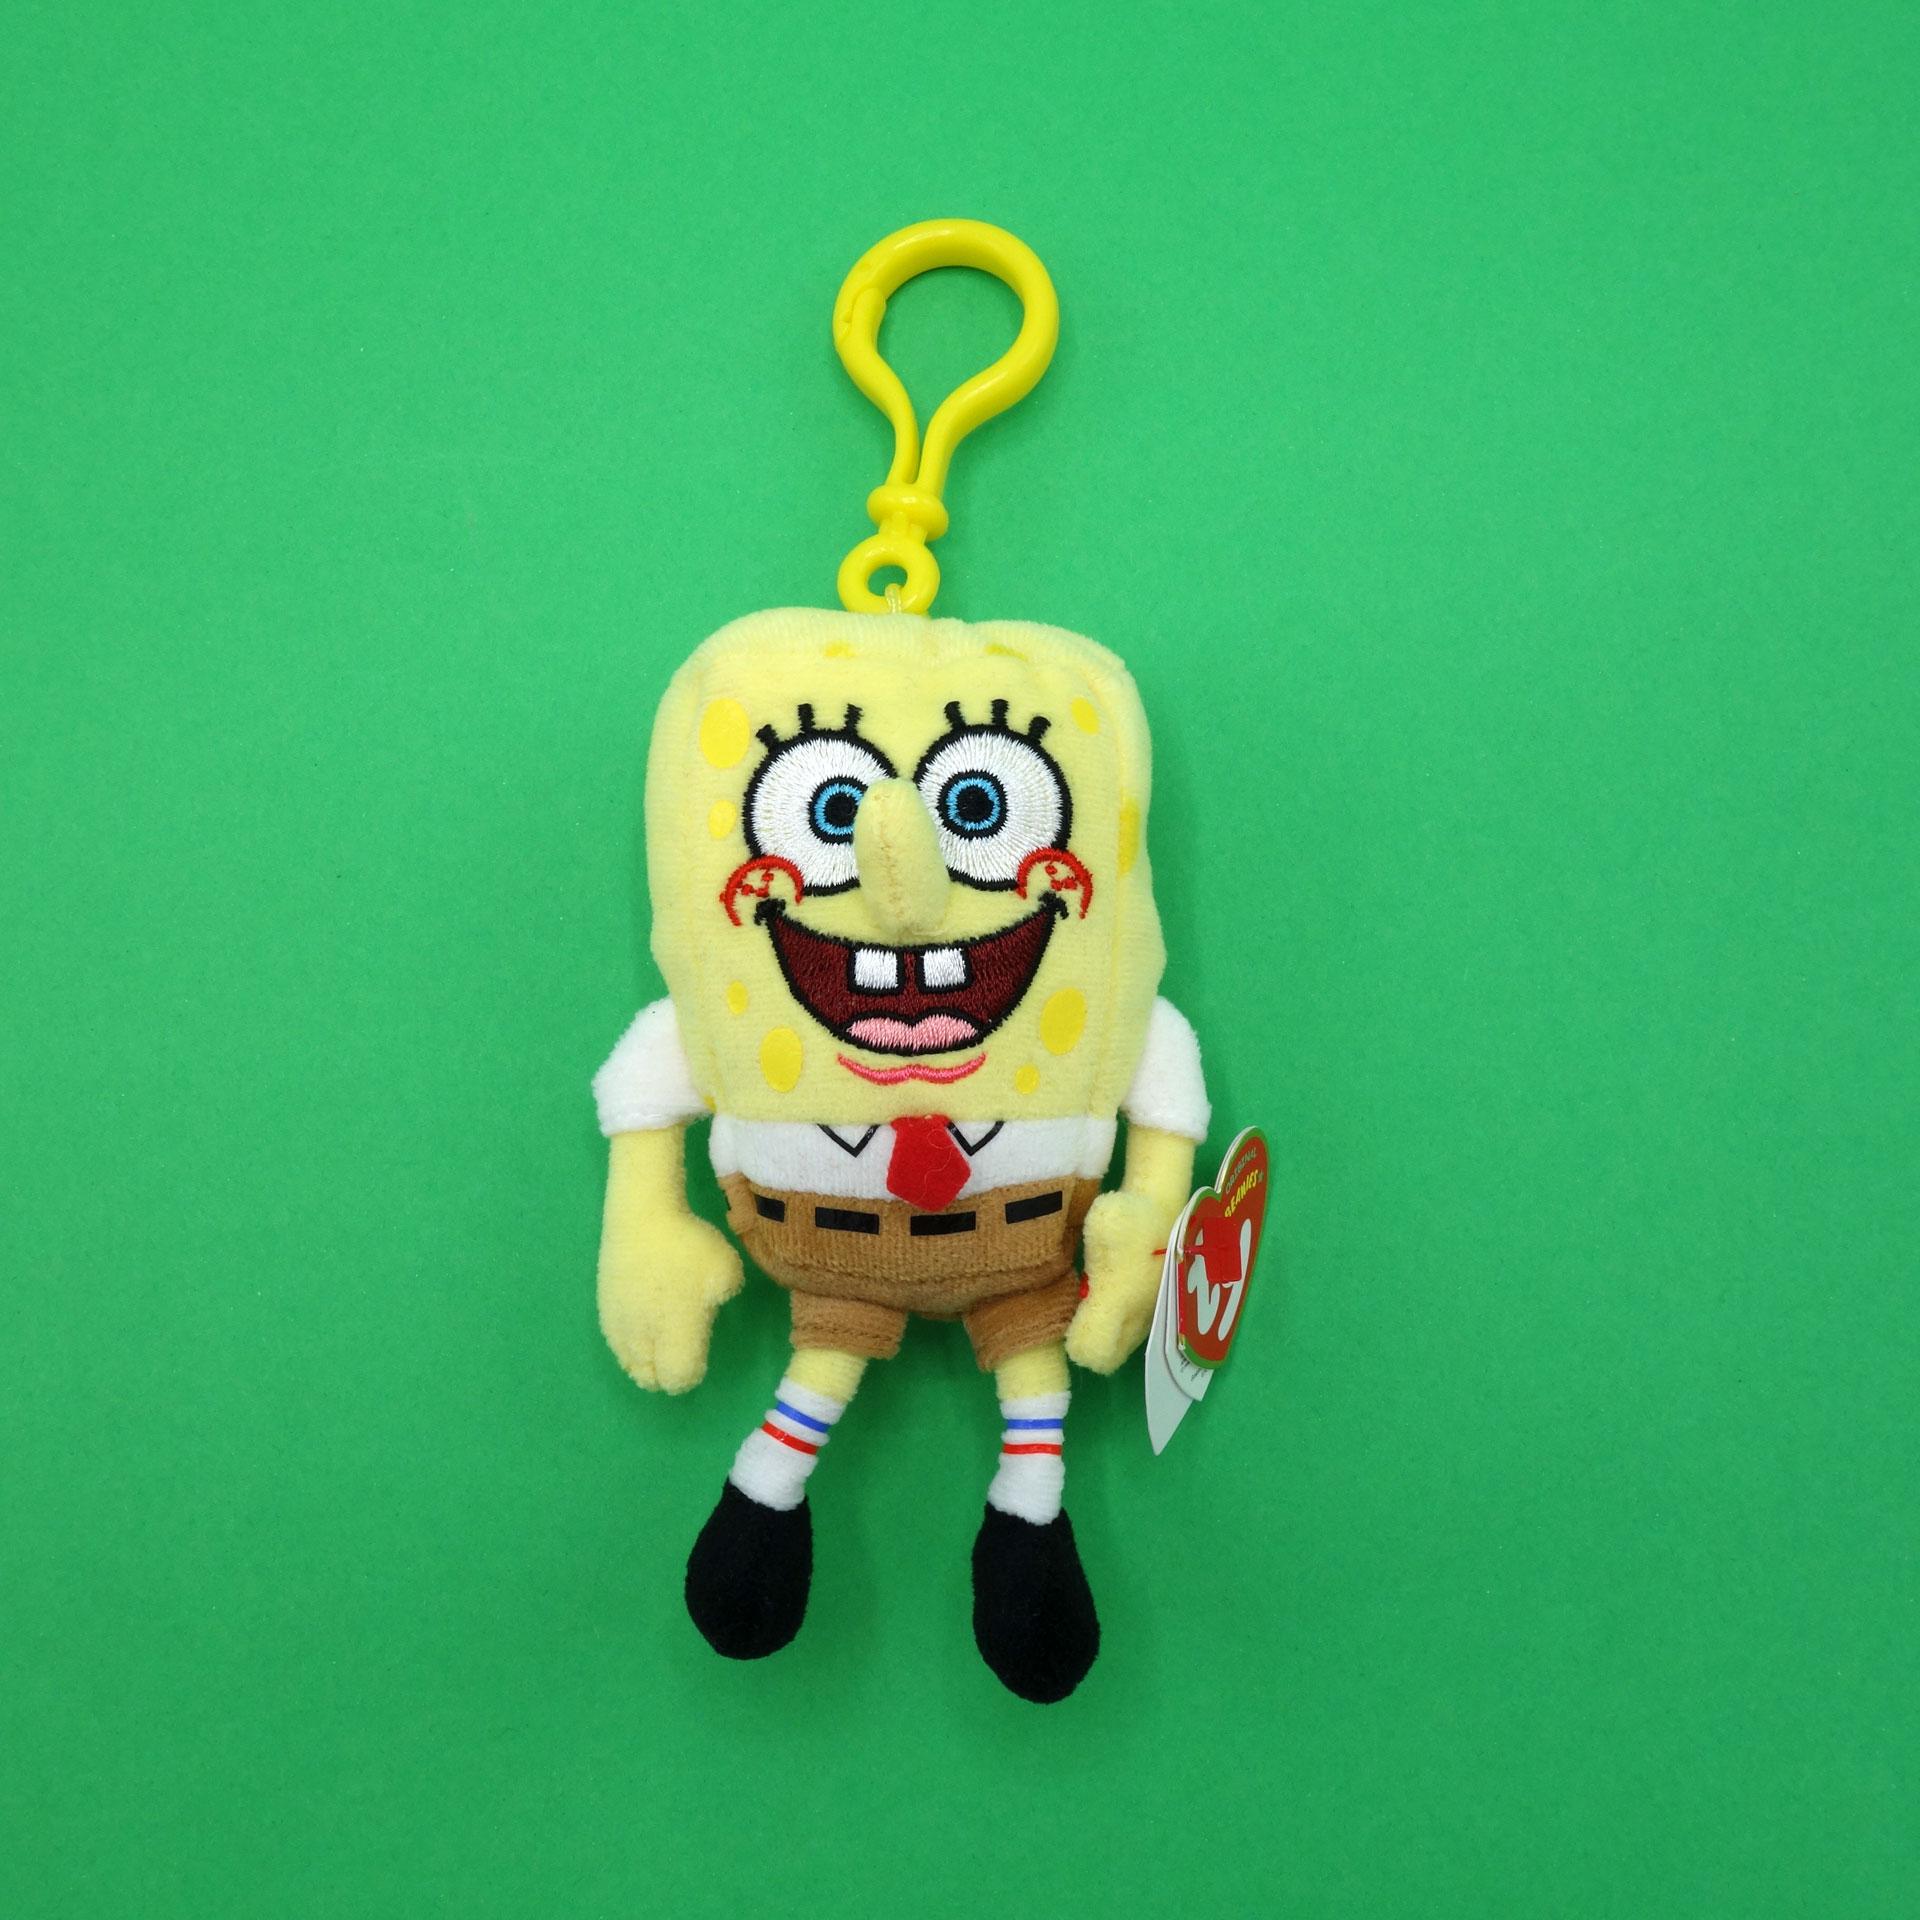 SpongeBob Schwammkopf Plüsch Schlüsselanhänger ty